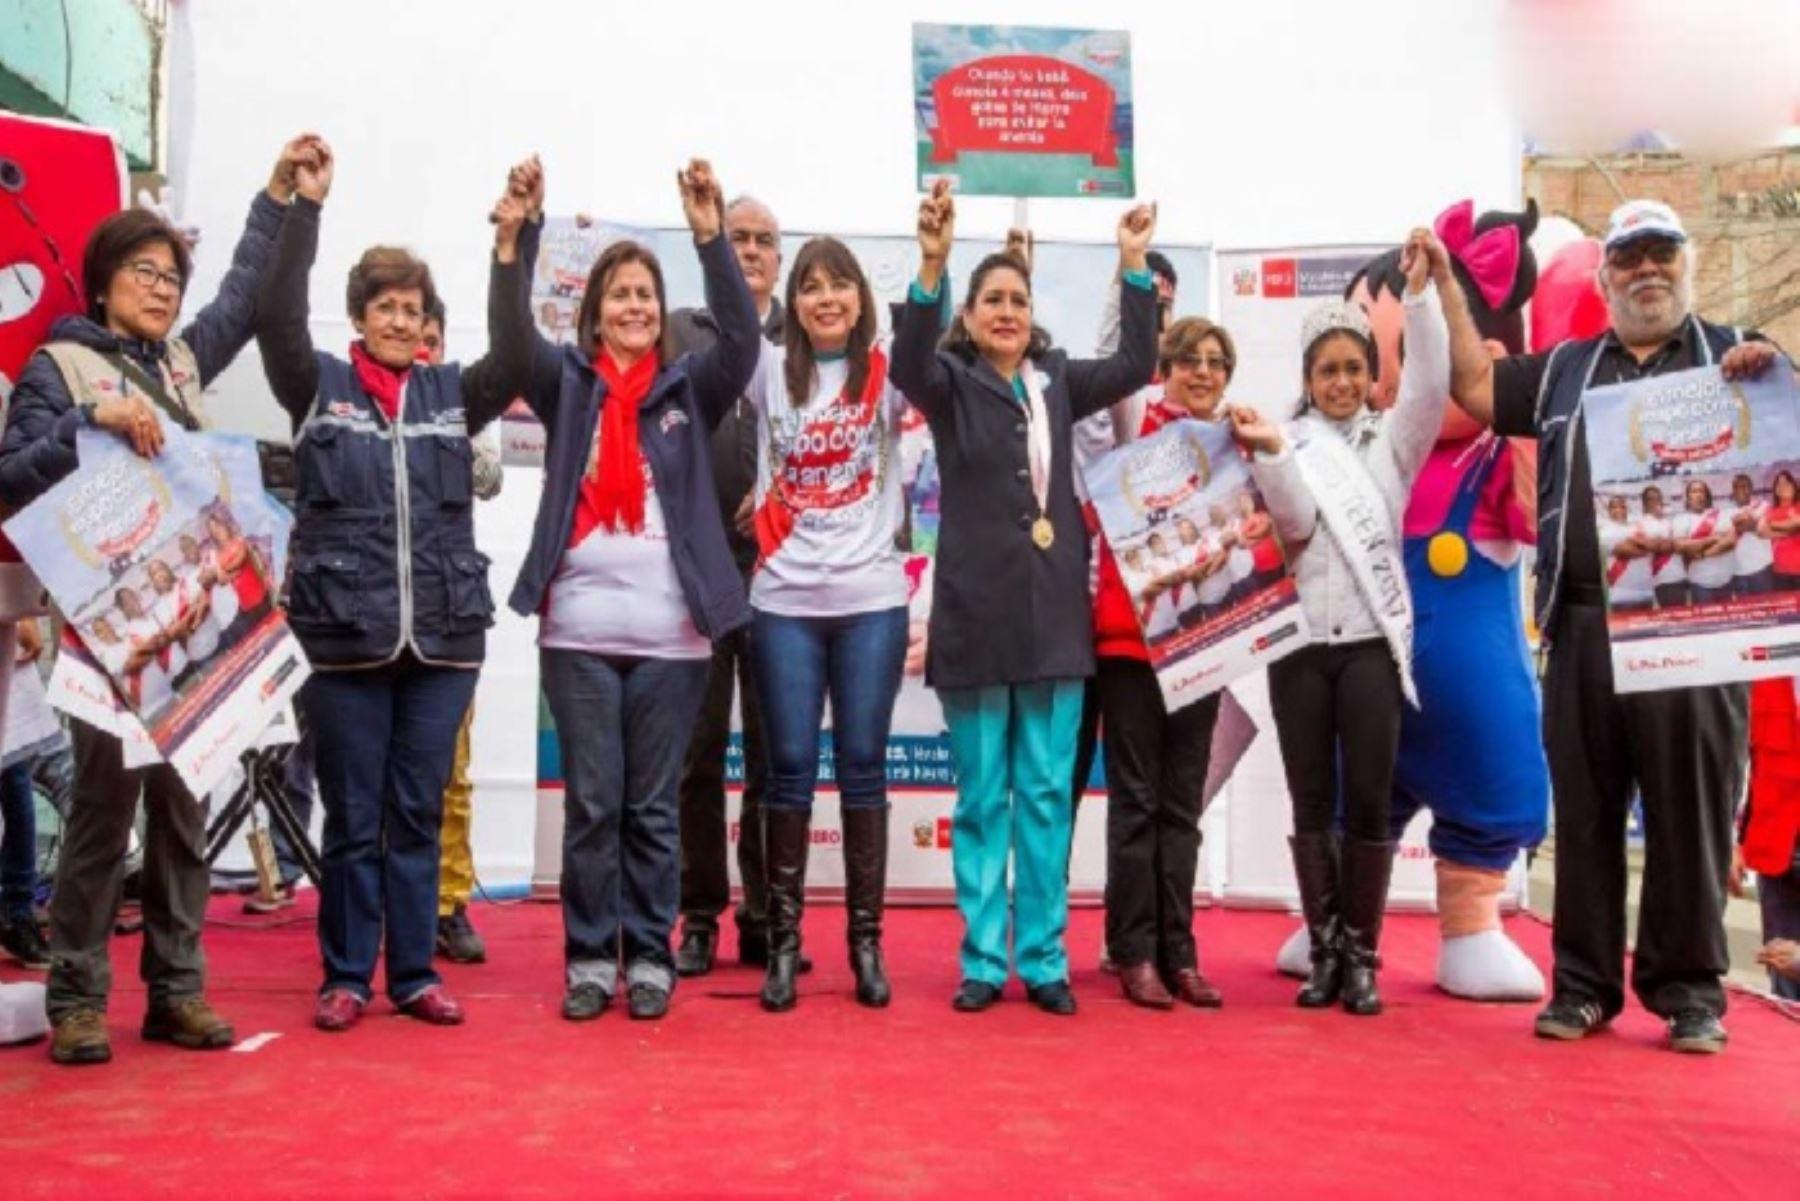 En el marco del lanzamiento de la Agenda de Conmemoración del Bicentenario de la Independencia del Perú, el Ministerio de Desarrollo e Inclusión Social (Midis) presentará las actividades por el 'Bicentenario sin Anemia' en Huacho, capital de la provincia limeña de Huaura, así como en la región Cajamarca.